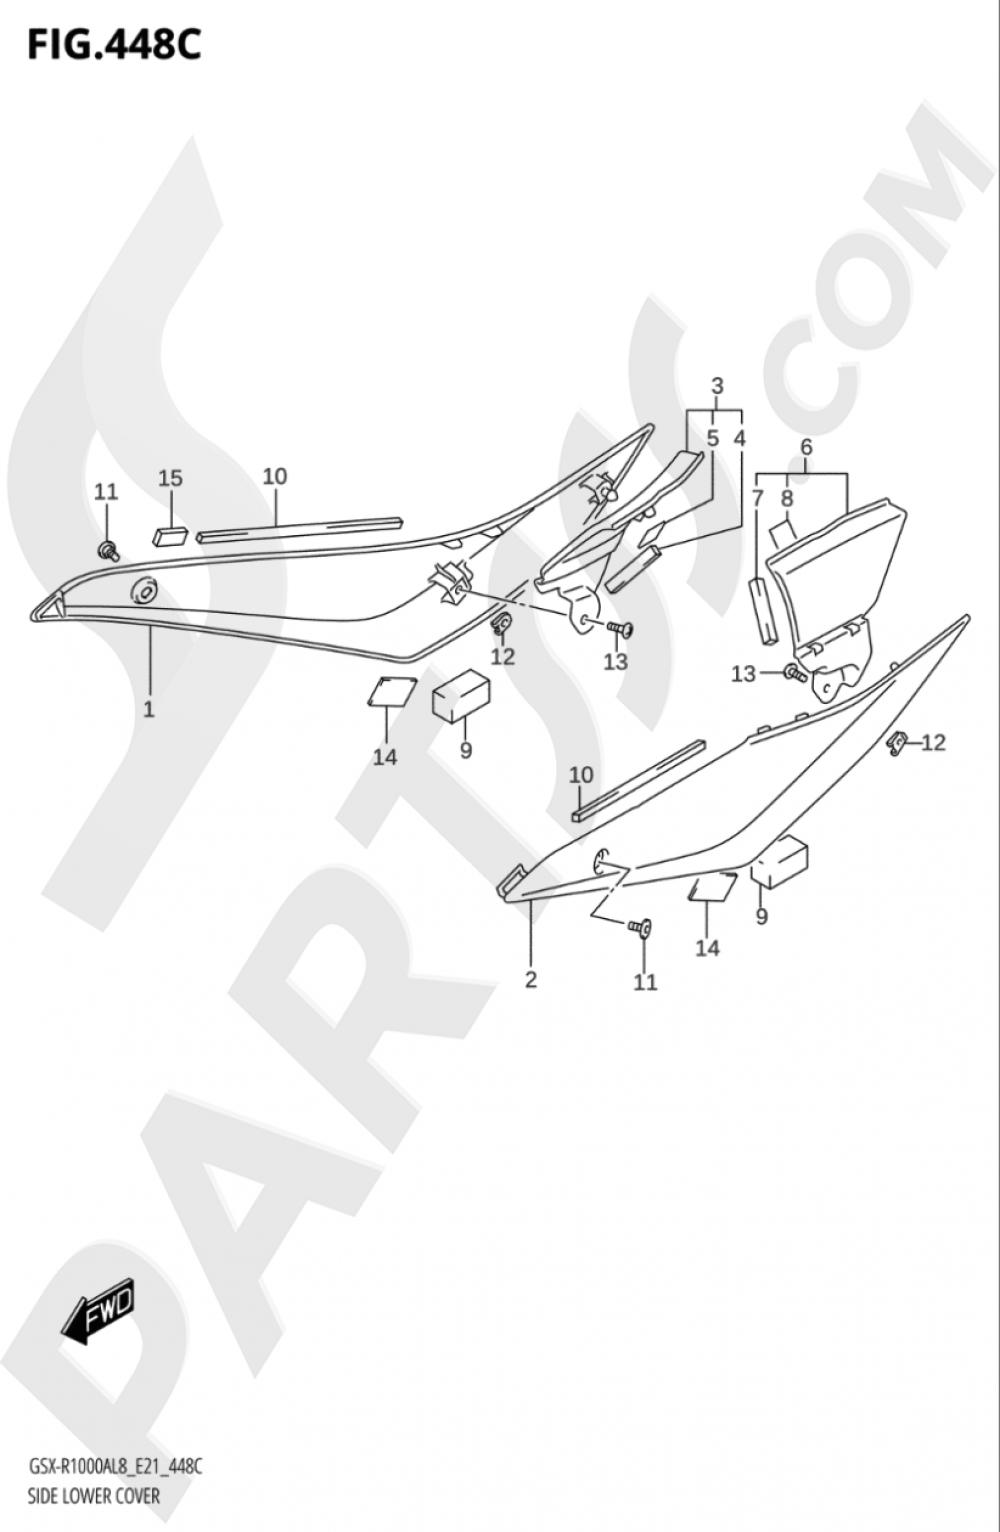 448C - SIDE LOWER COVER (GSX-R1000RAL8 E21) Suzuki GSX-R1000A 2018